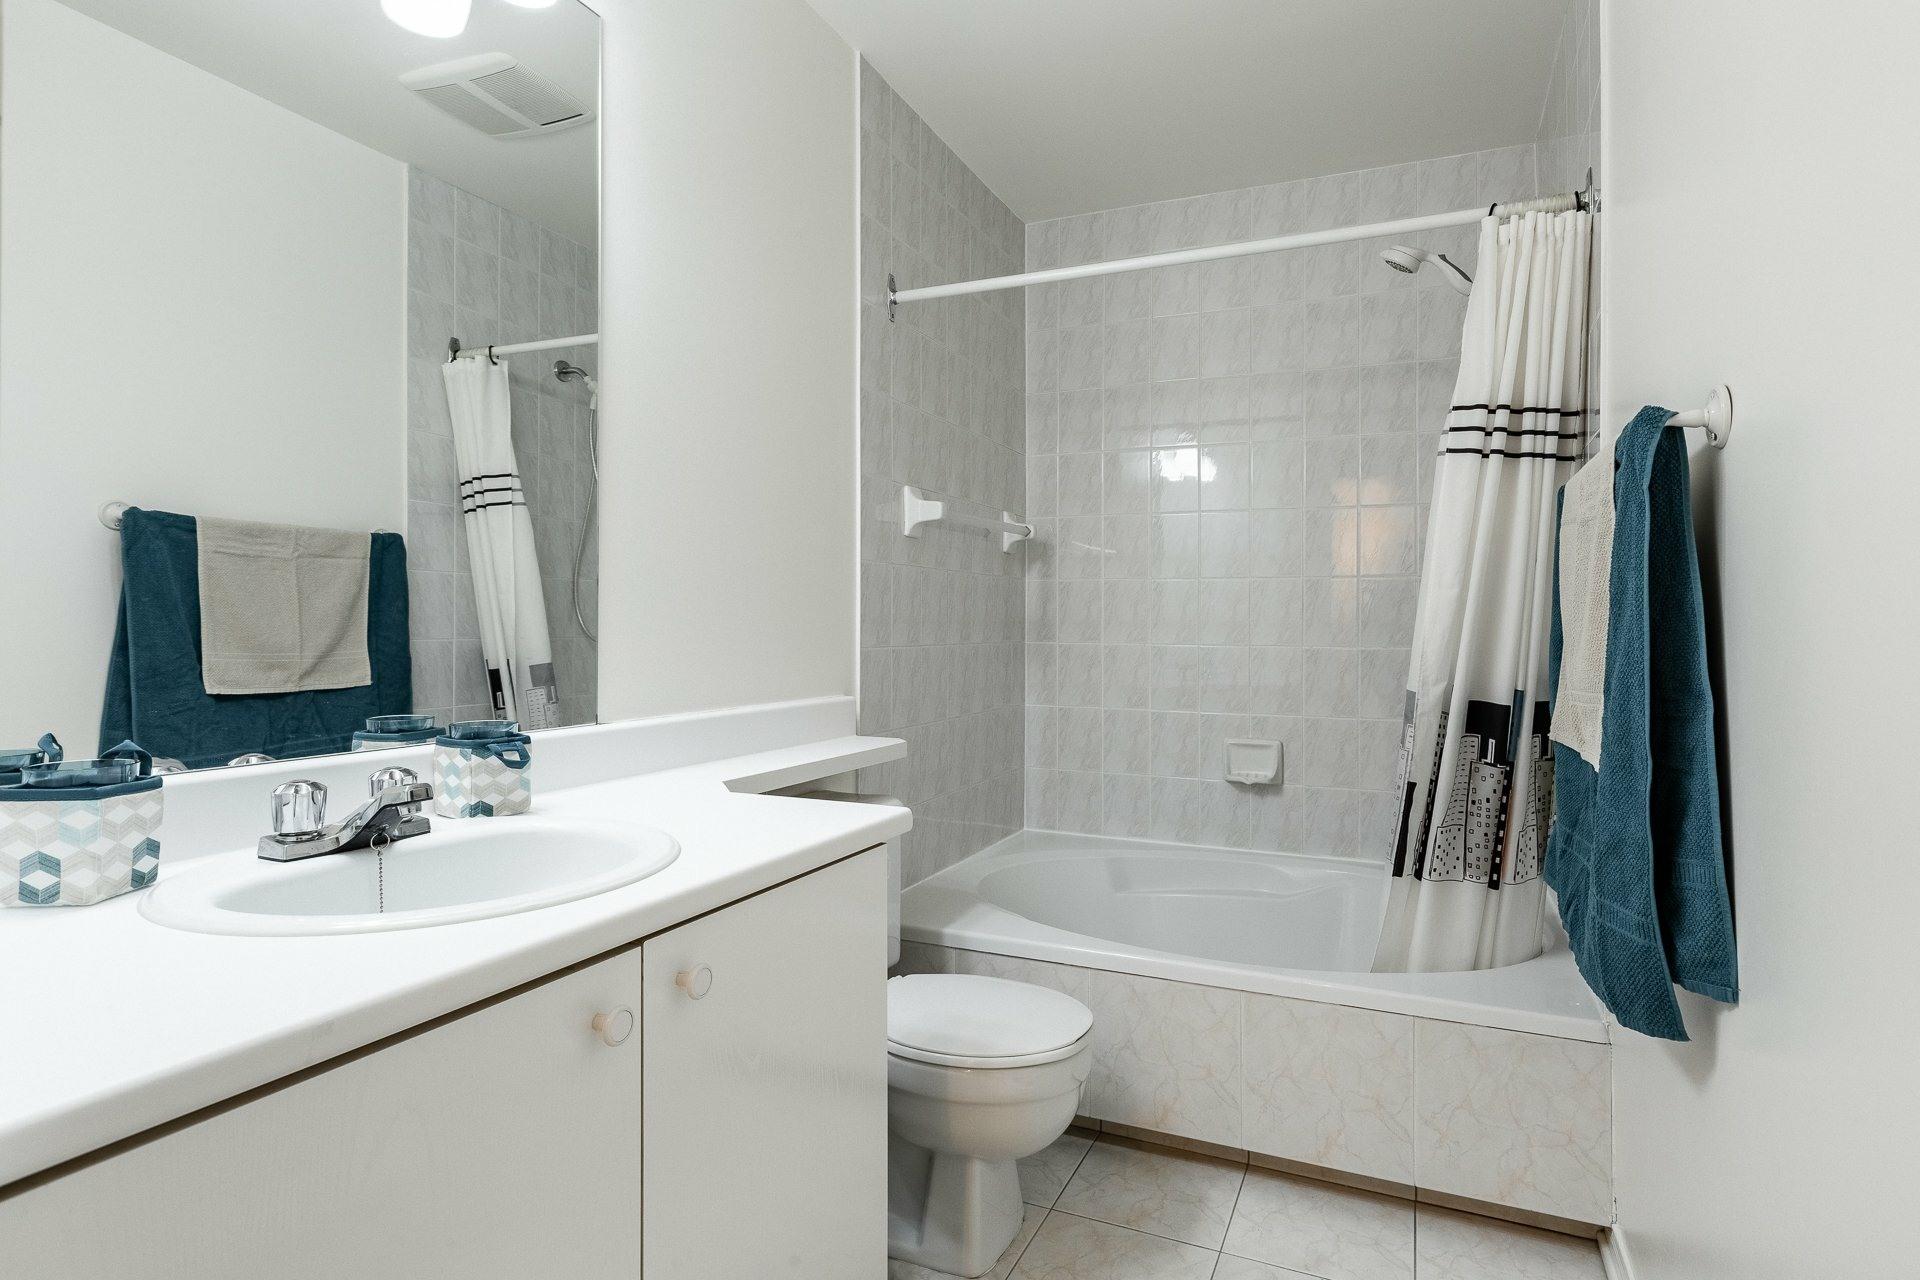 image 15 - Appartement À vendre Montréal Le Plateau-Mont-Royal  - 6 pièces